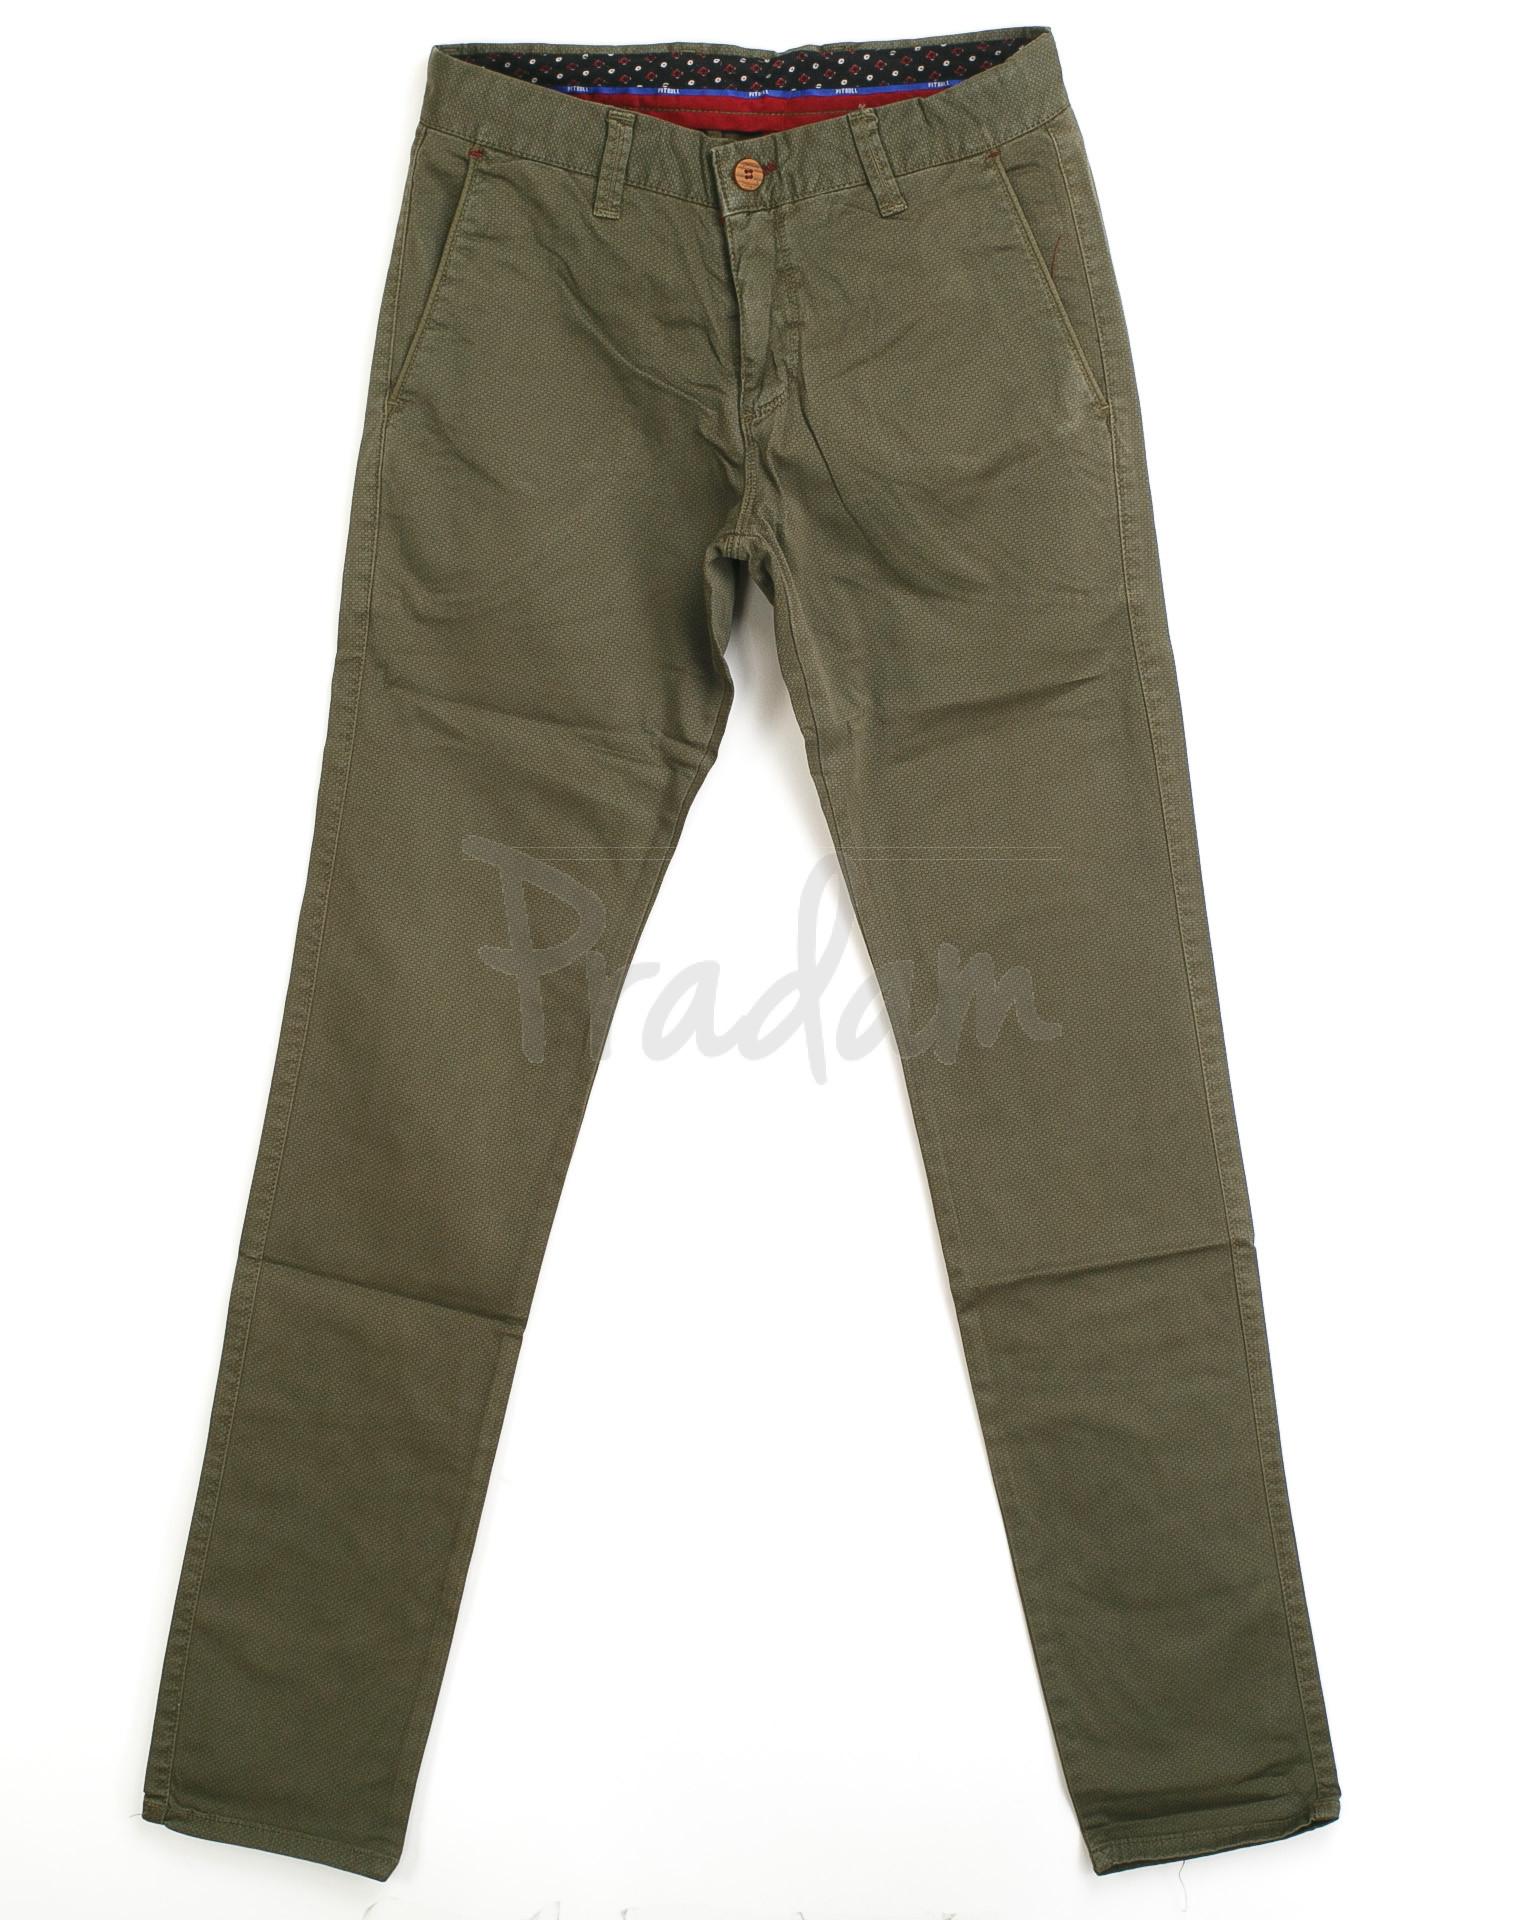 da88cae6273 брюки мужские синие 10440 хаки (29-36